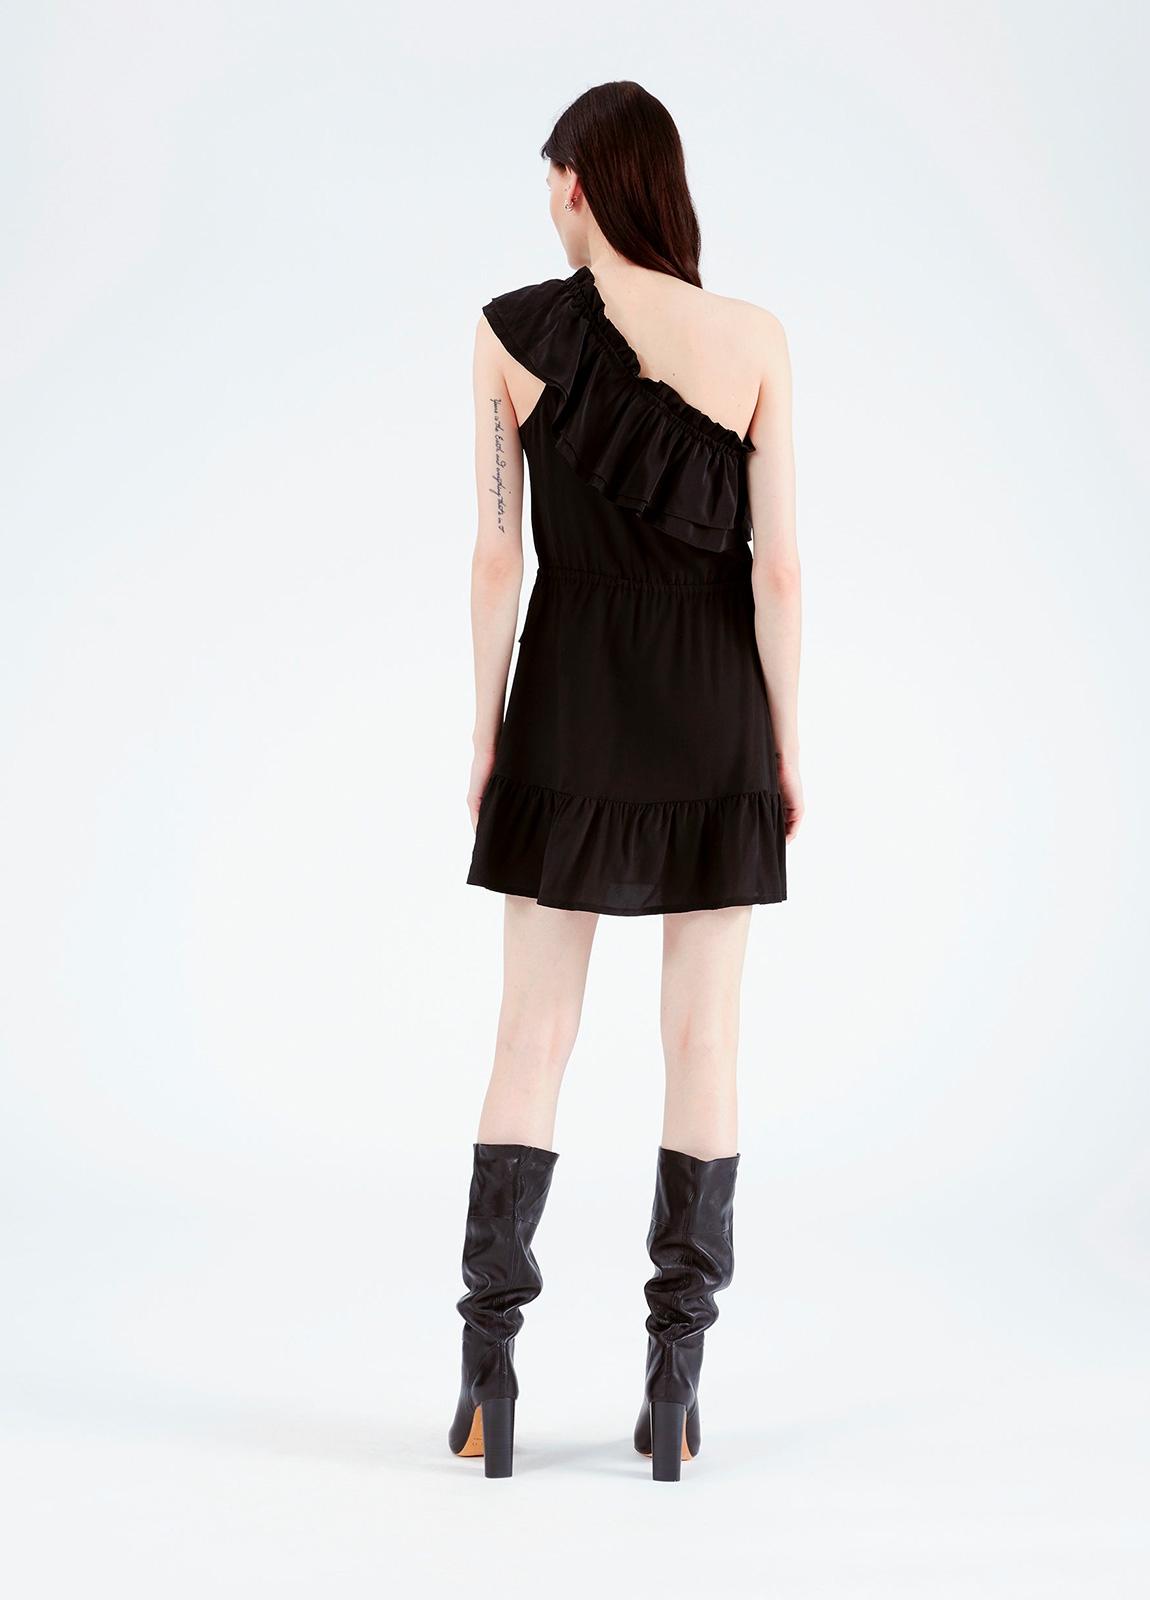 Vestido con hombro descubierto y volantes superpuestos, color negro. 100% seda. - Ítem1